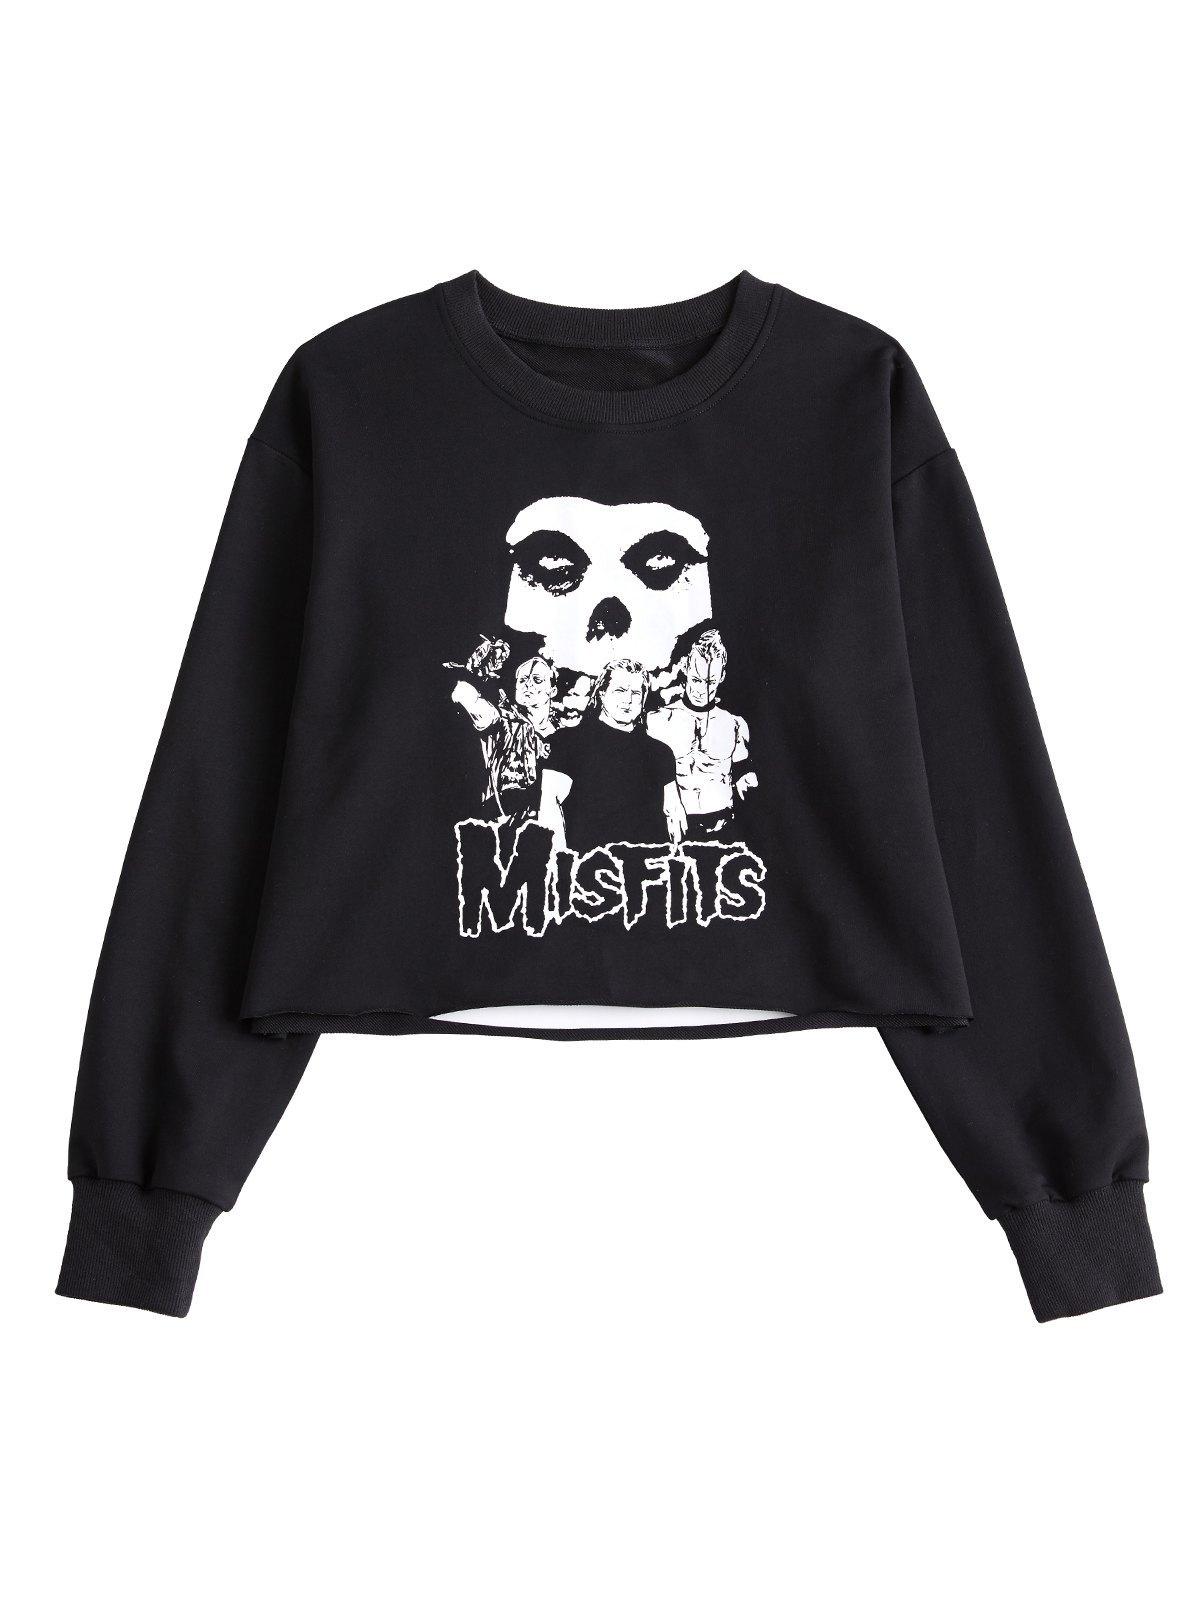 EMMIOL Comic Skull Print Sweatshirt - Black L